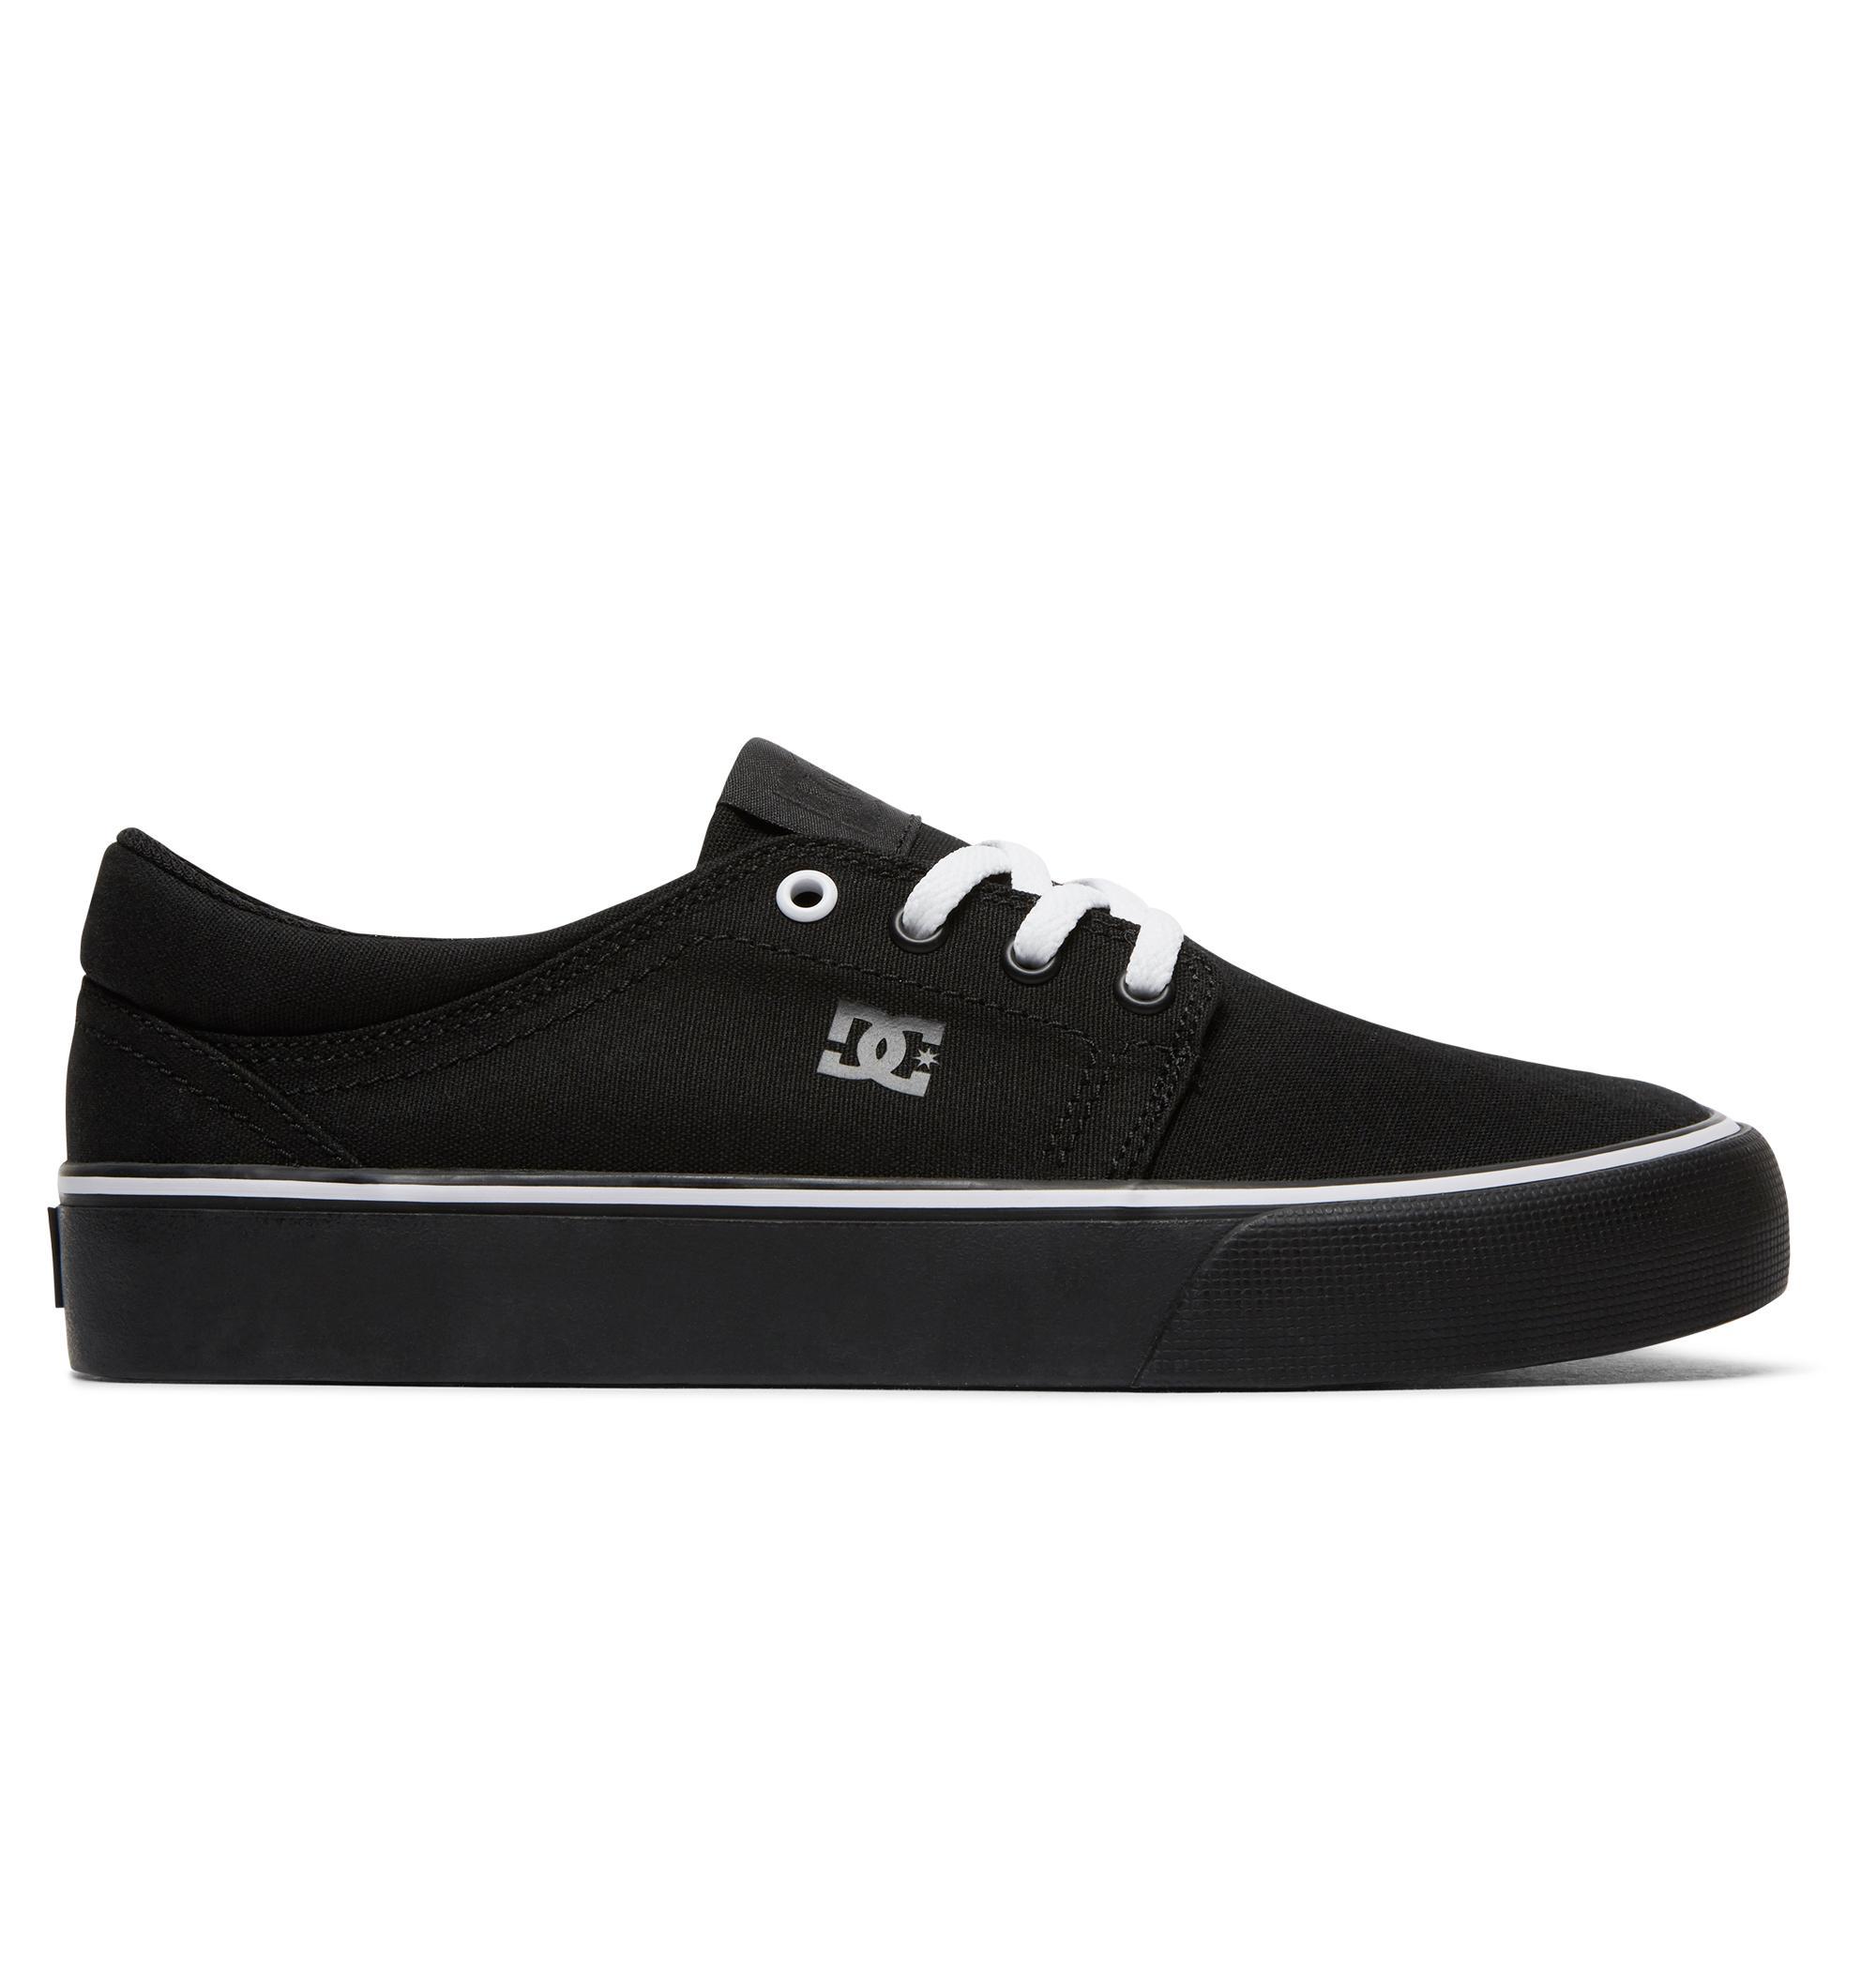 Damskie Buty Dc Trase Tx (Black Black White) Ss18